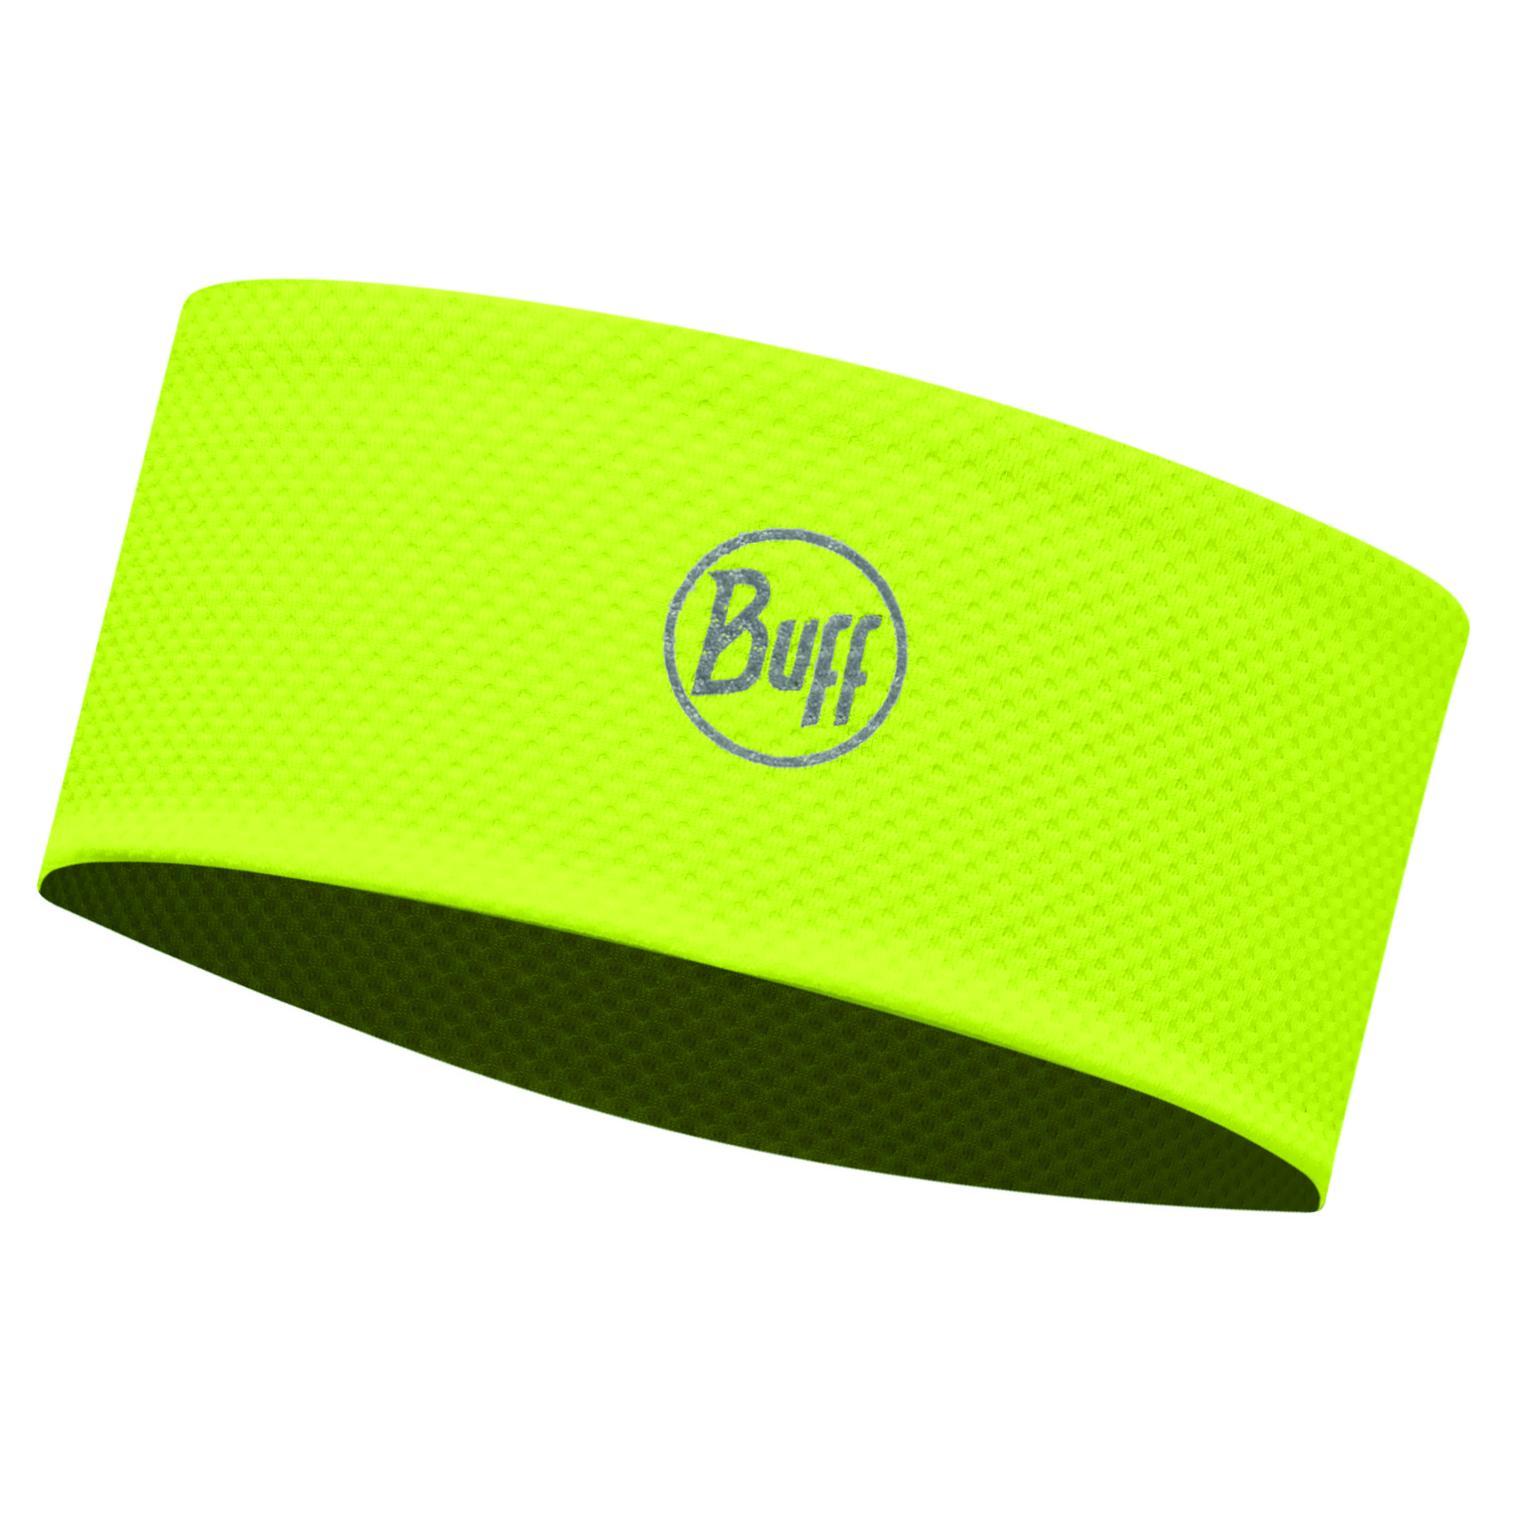 Повязка BUFF Headband R-SOLID YELLOW FLUOR Fastwick Банданы и шарфы Buff ® 1312855  - купить со скидкой